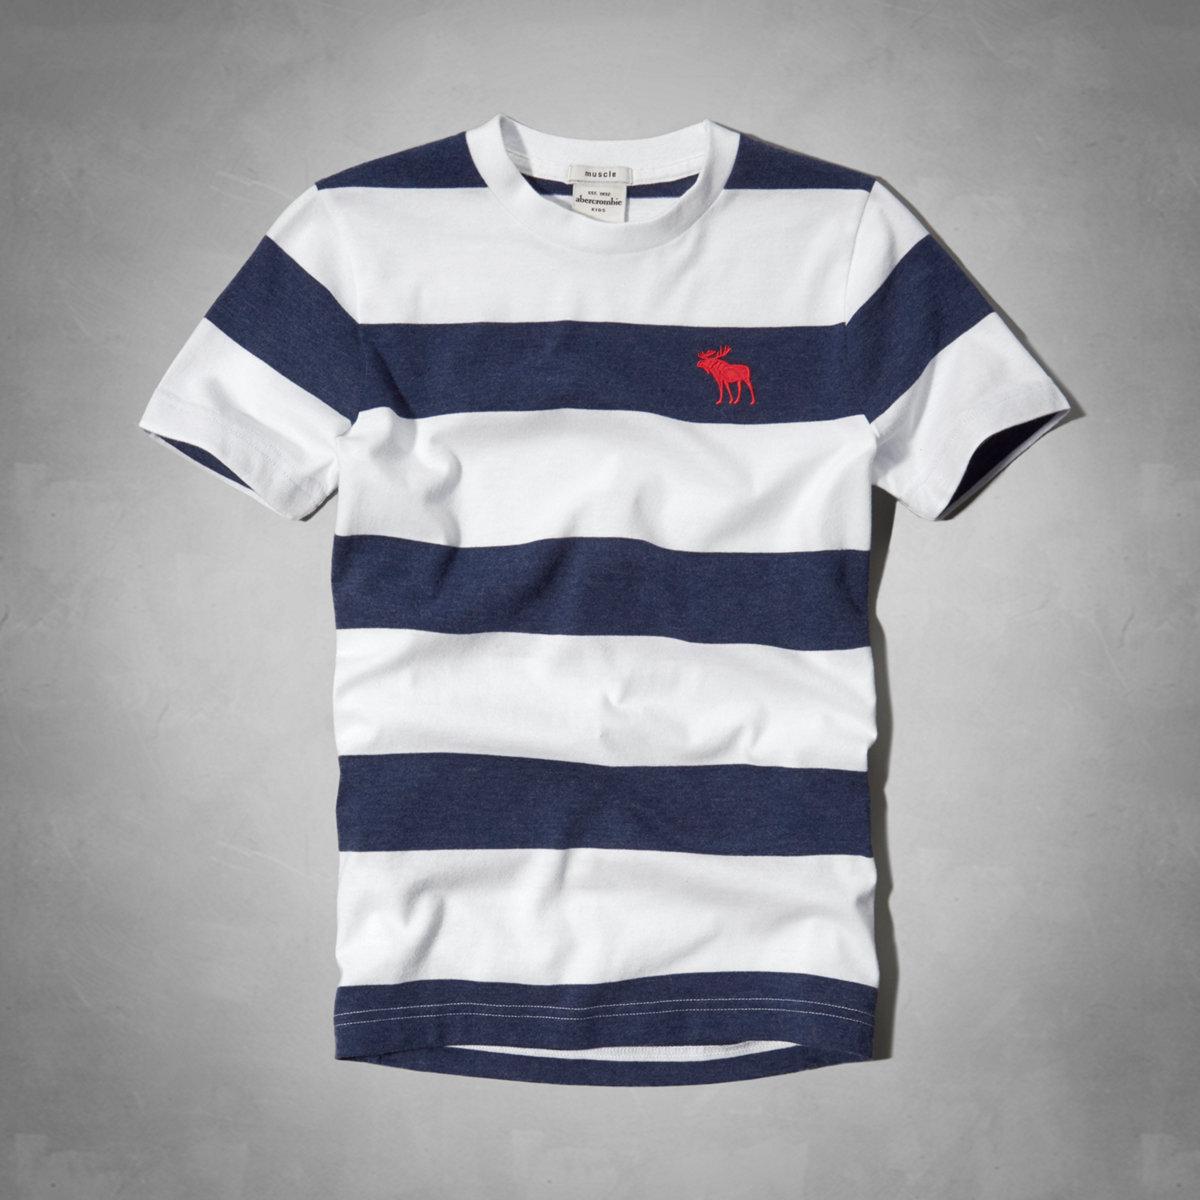 美國百分百【全新真品】Abercrombie & Fitch T恤 AF 短袖 T-shirt 麋鹿 藍 條紋 Logo 男 女 Kids S號